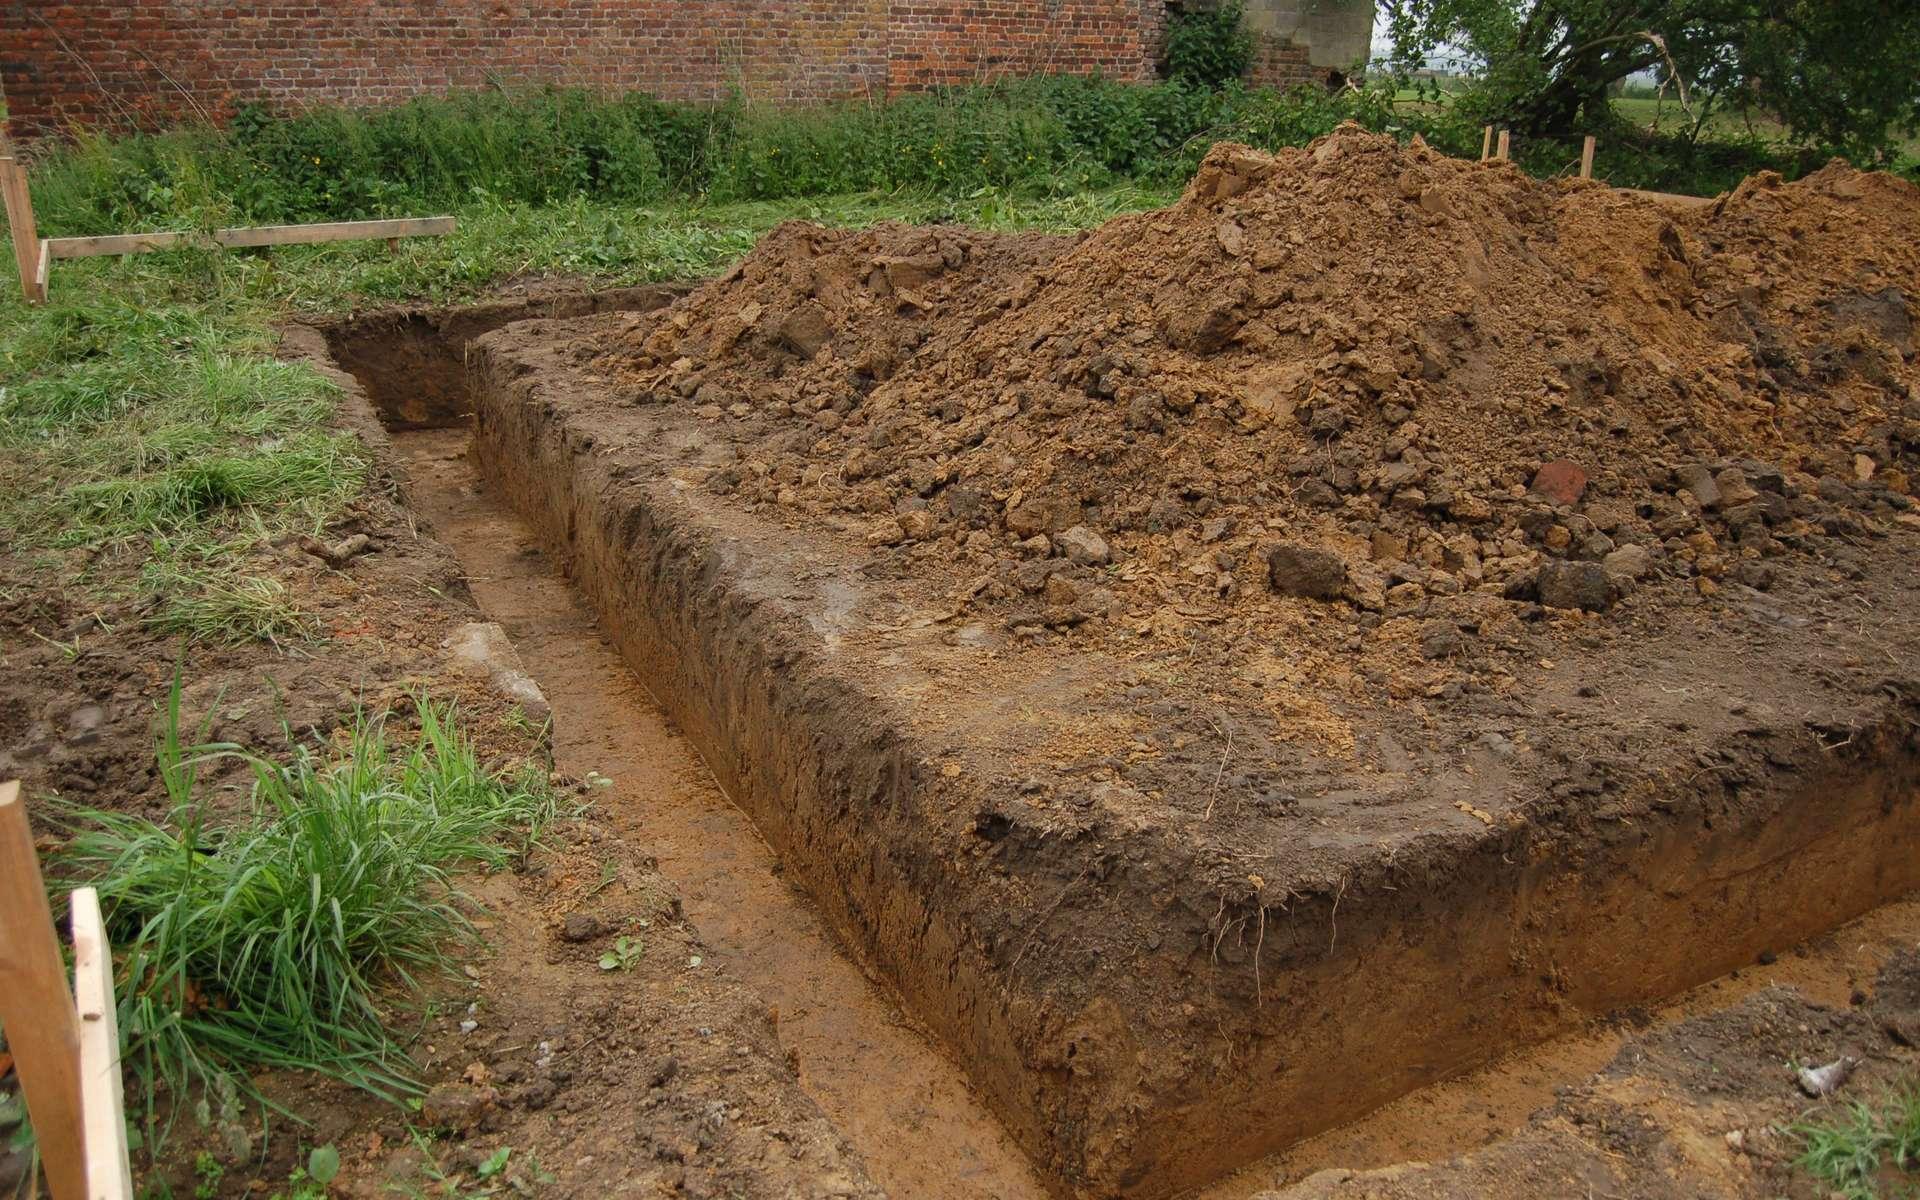 Une fouille en rigole est un type de terrassement destiné à recevoir une semelle de fondation dans le but d'équilibrer les charges du futur bâtiment. © 64k.be, CC BY-NC-SA 2.0, Flickr